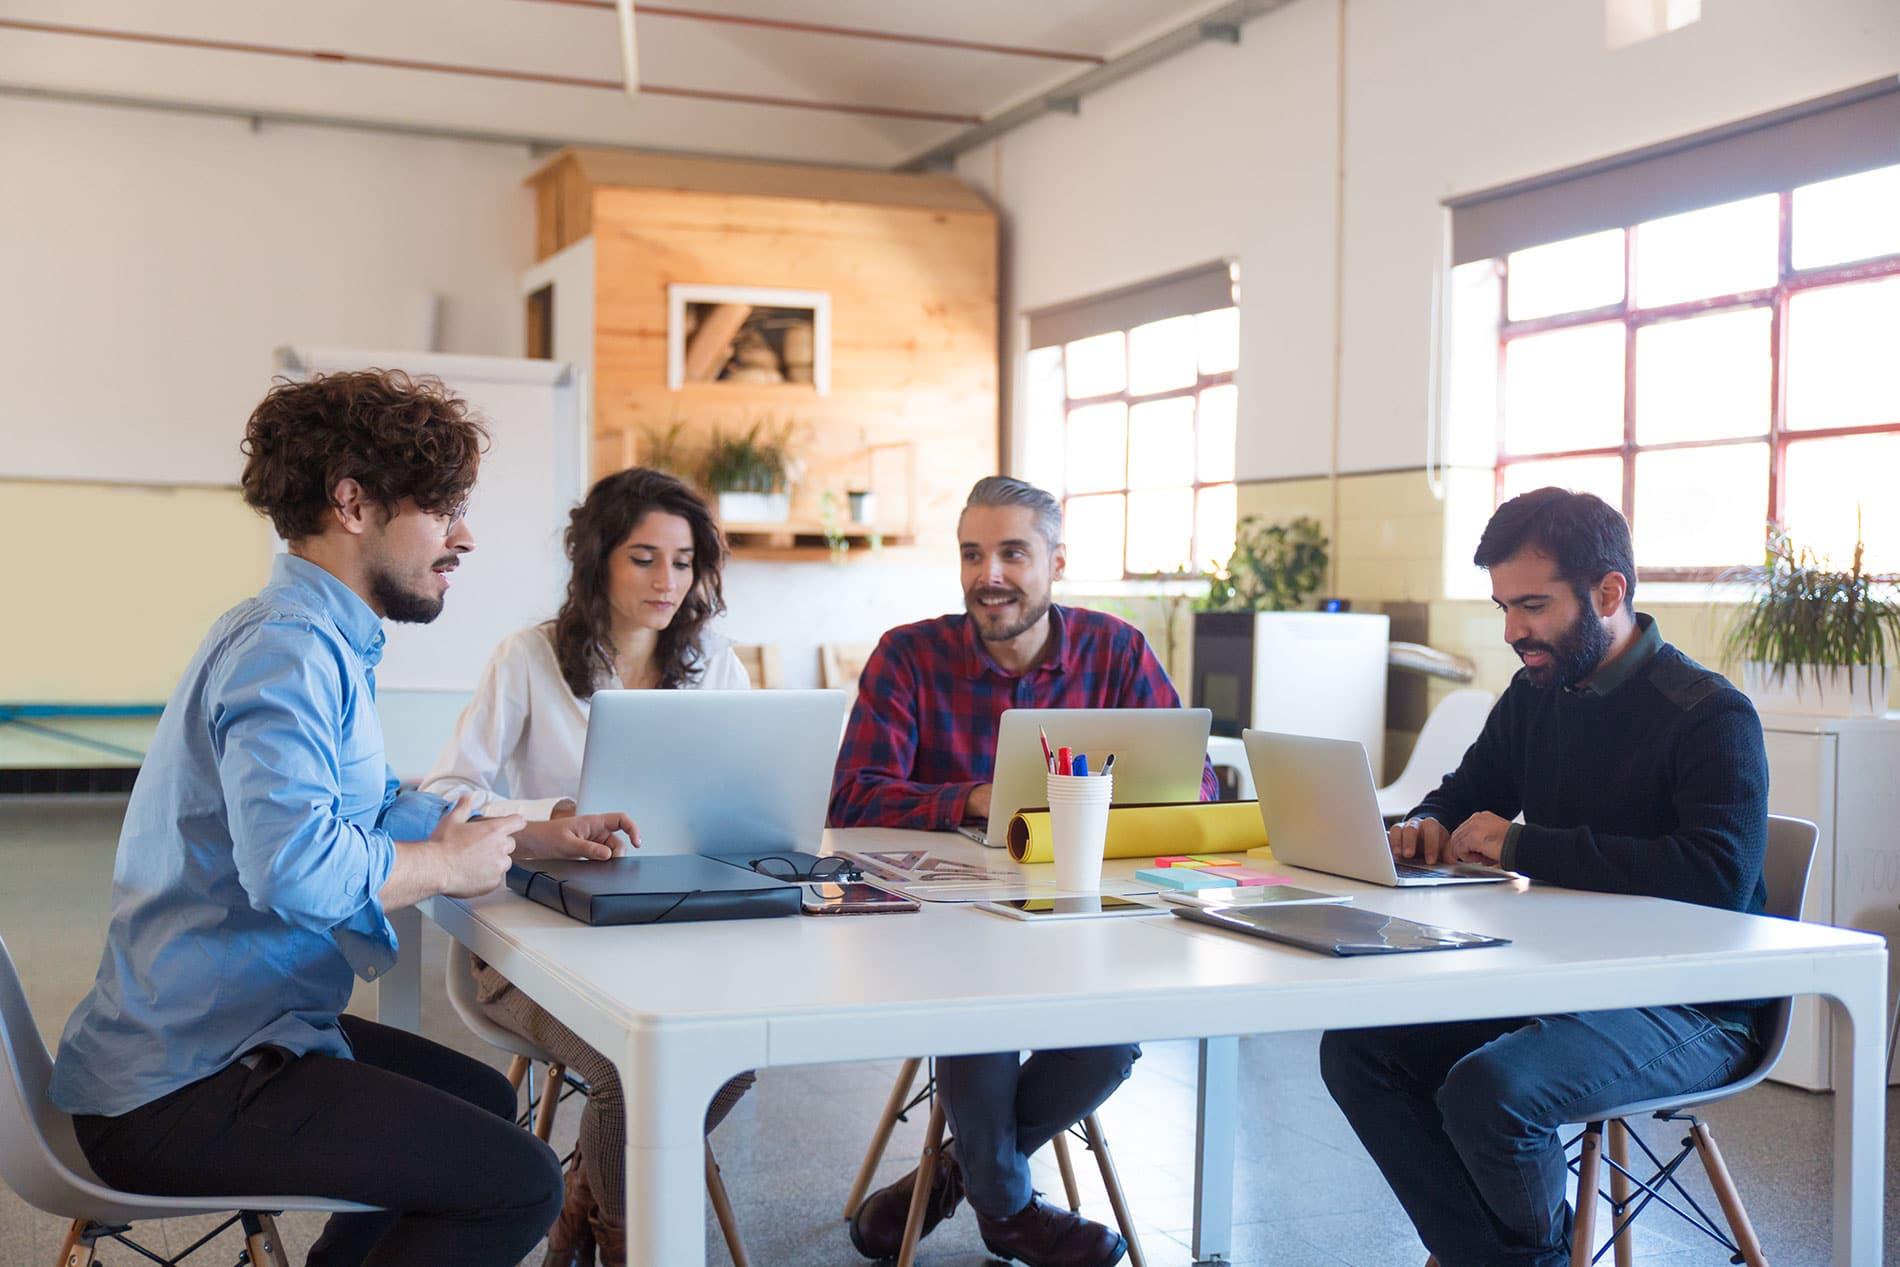 8 recomendaciones para volver efectiva una reunión de trabajo